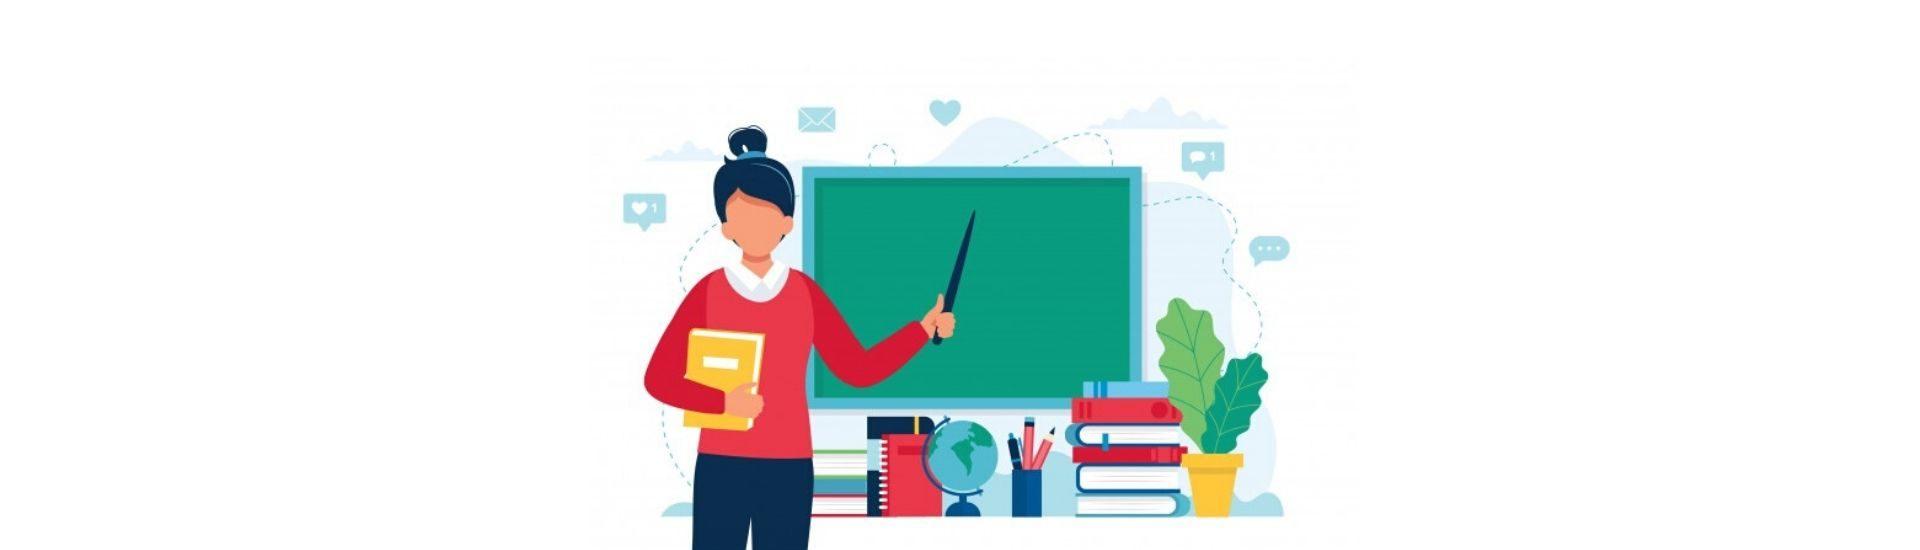 Profesora que realiza una clase y utiliza la pizarra para dar ejemplos.